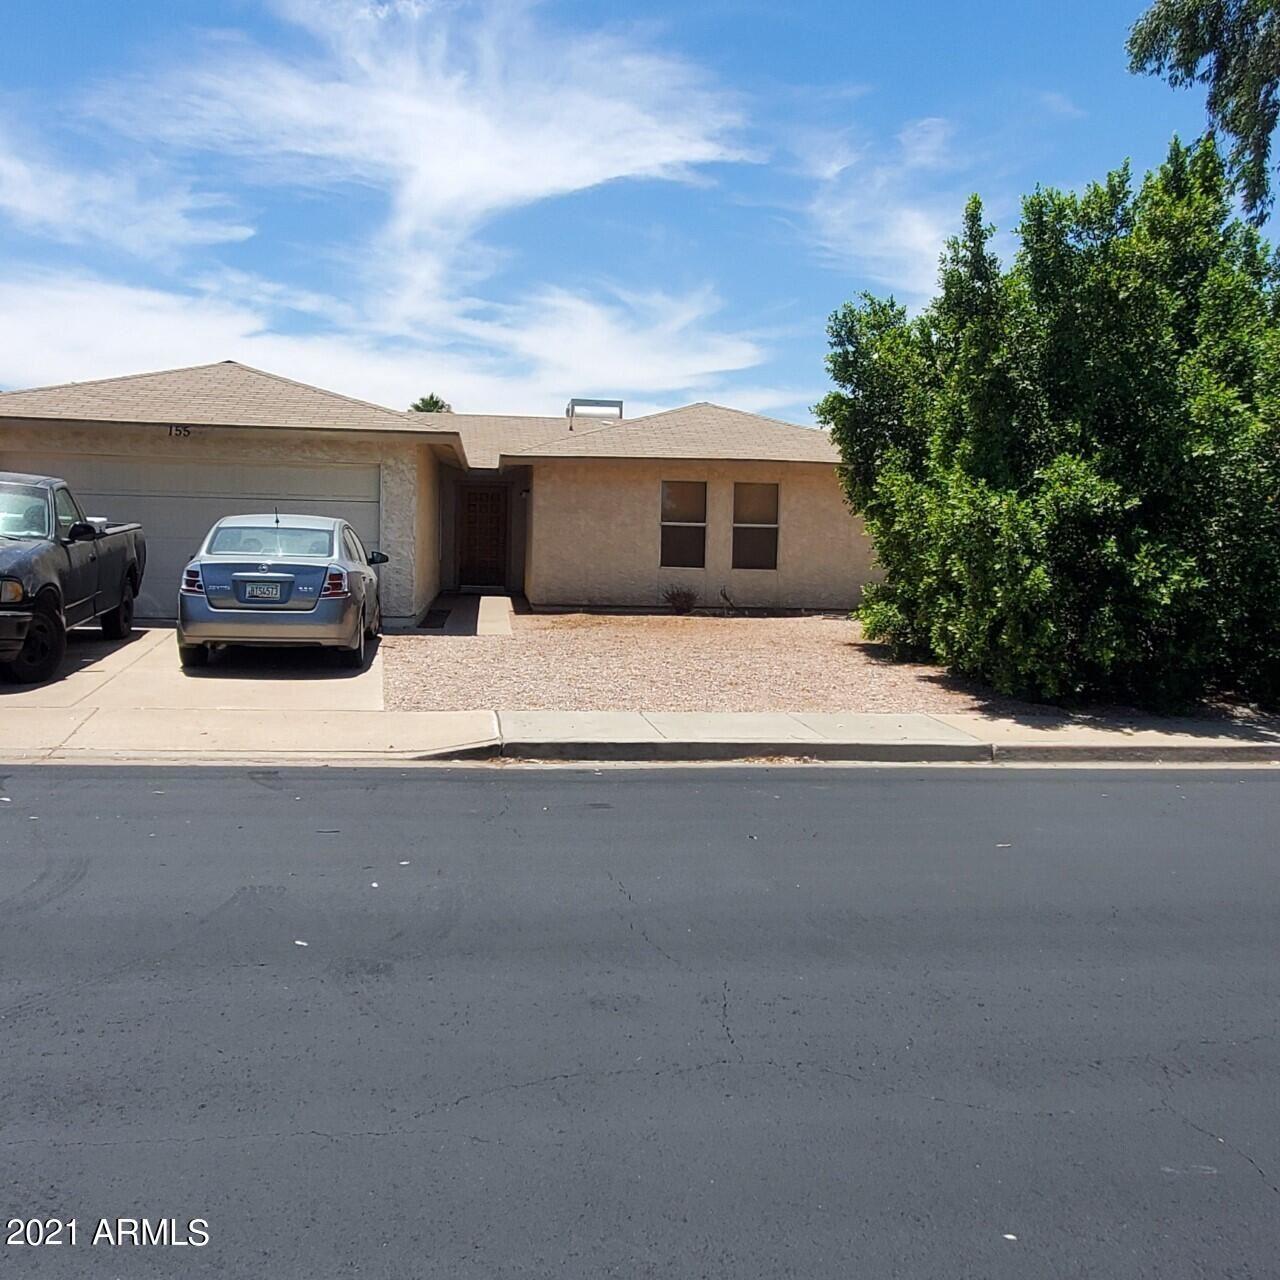 155 W HUNTER Street, Mesa, AZ 85201 - MLS#: 6249667